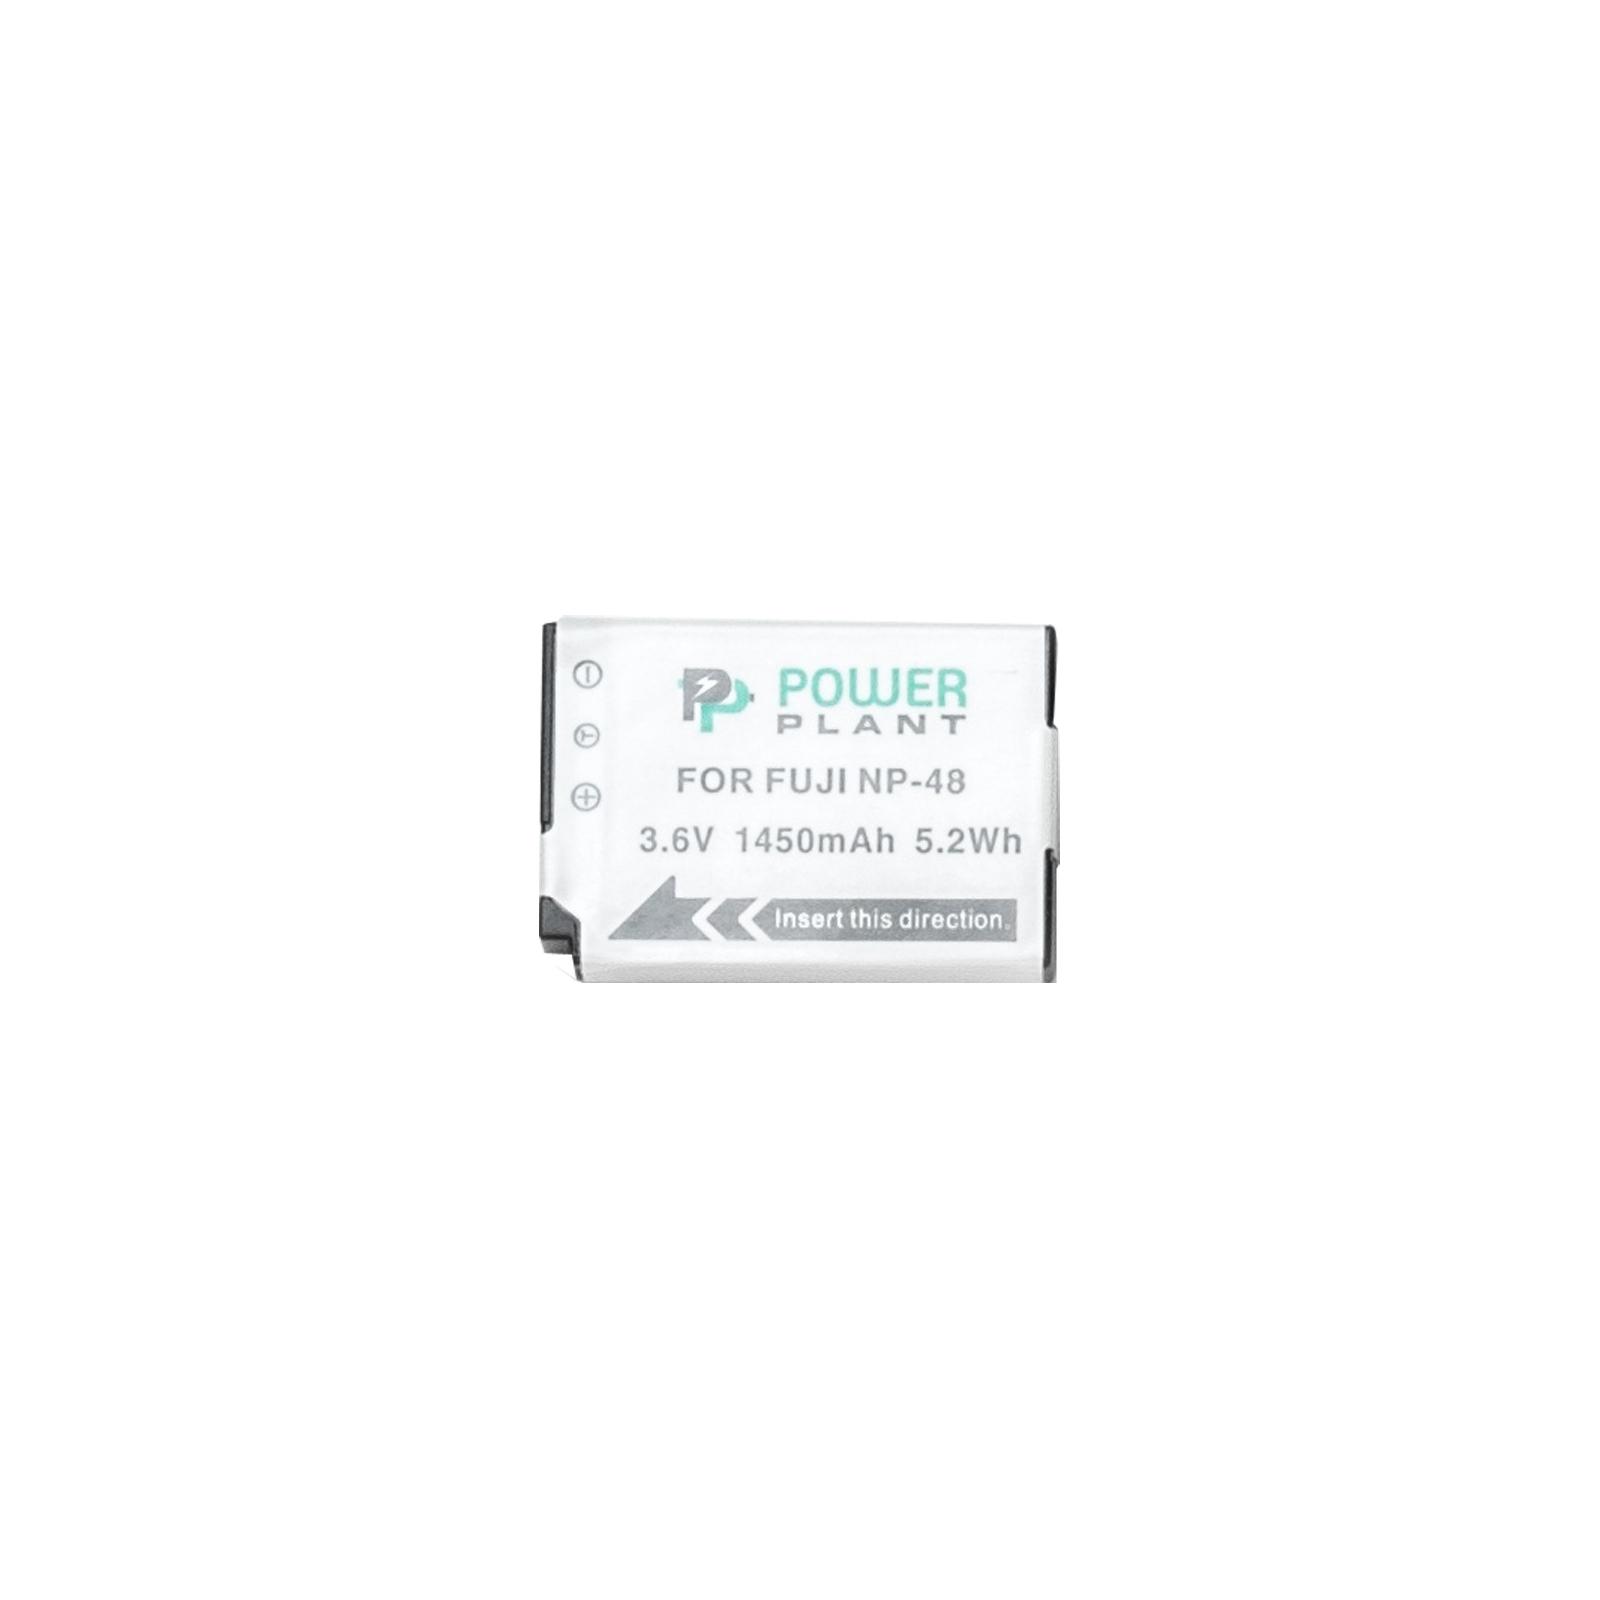 Аккумулятор к фото/видео PowerPlant Fuji NP-48 (DV00DV1395)